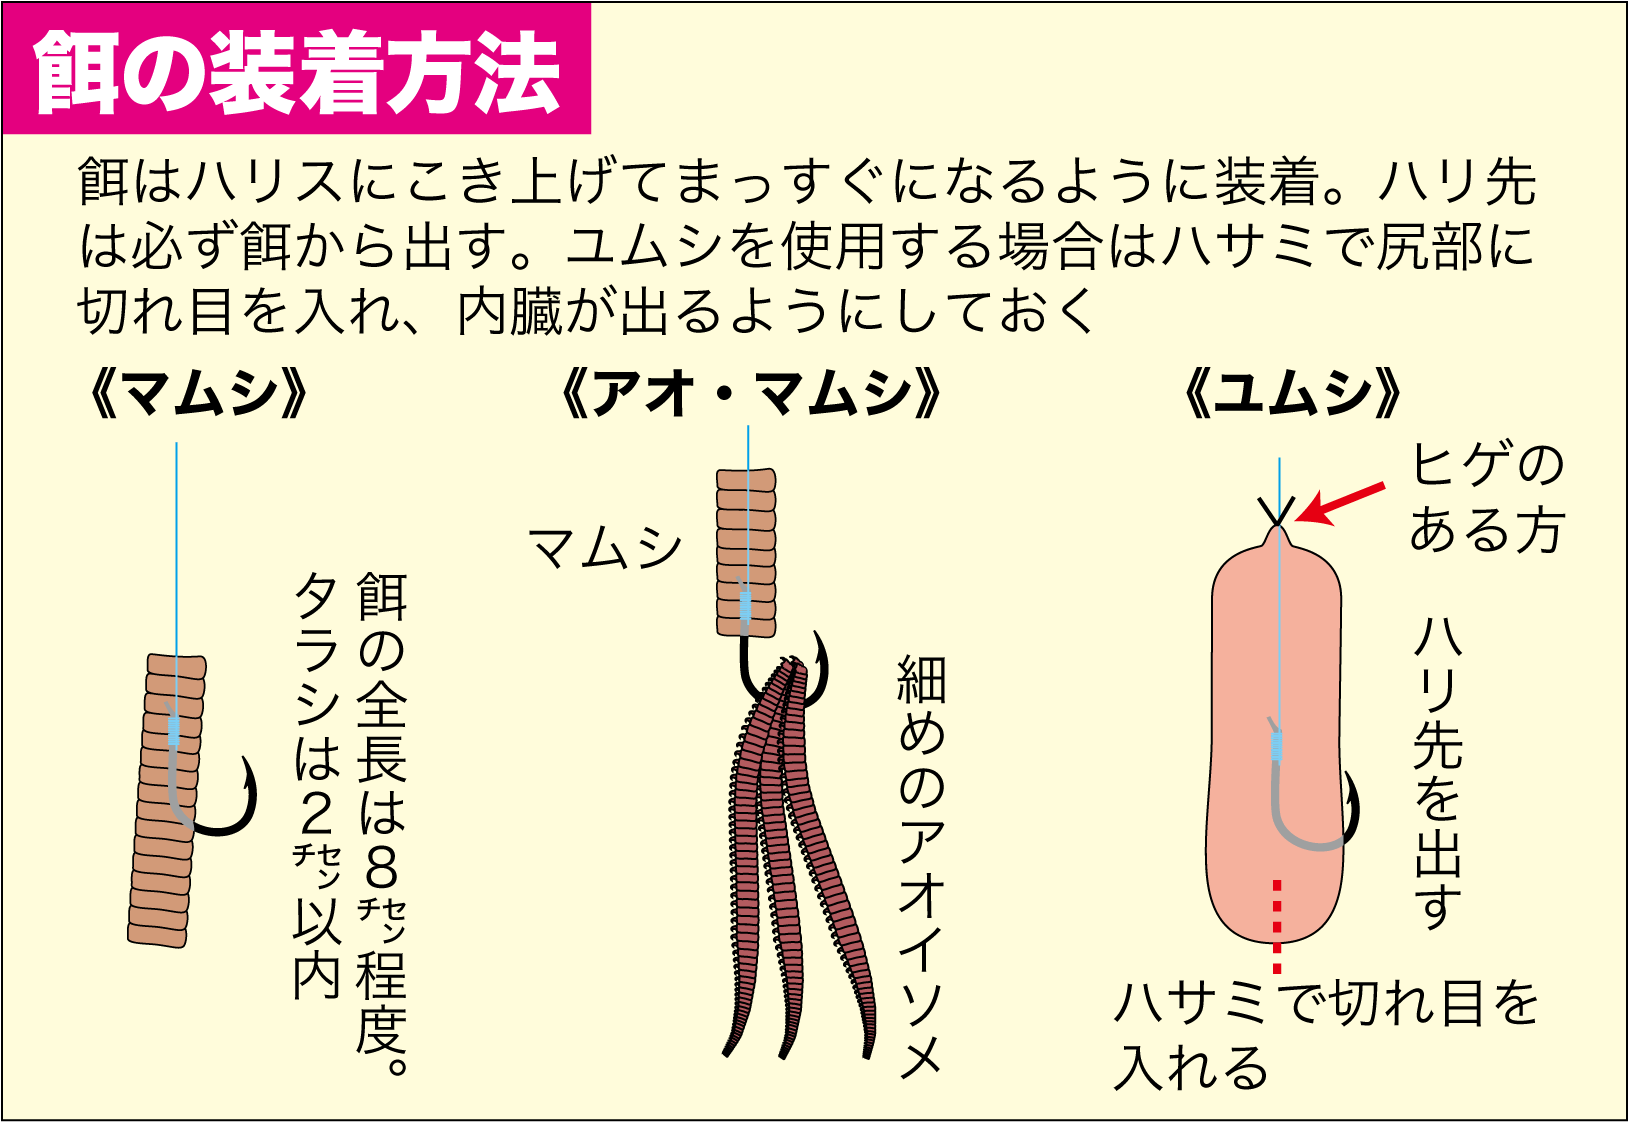 マダイプラン1-3